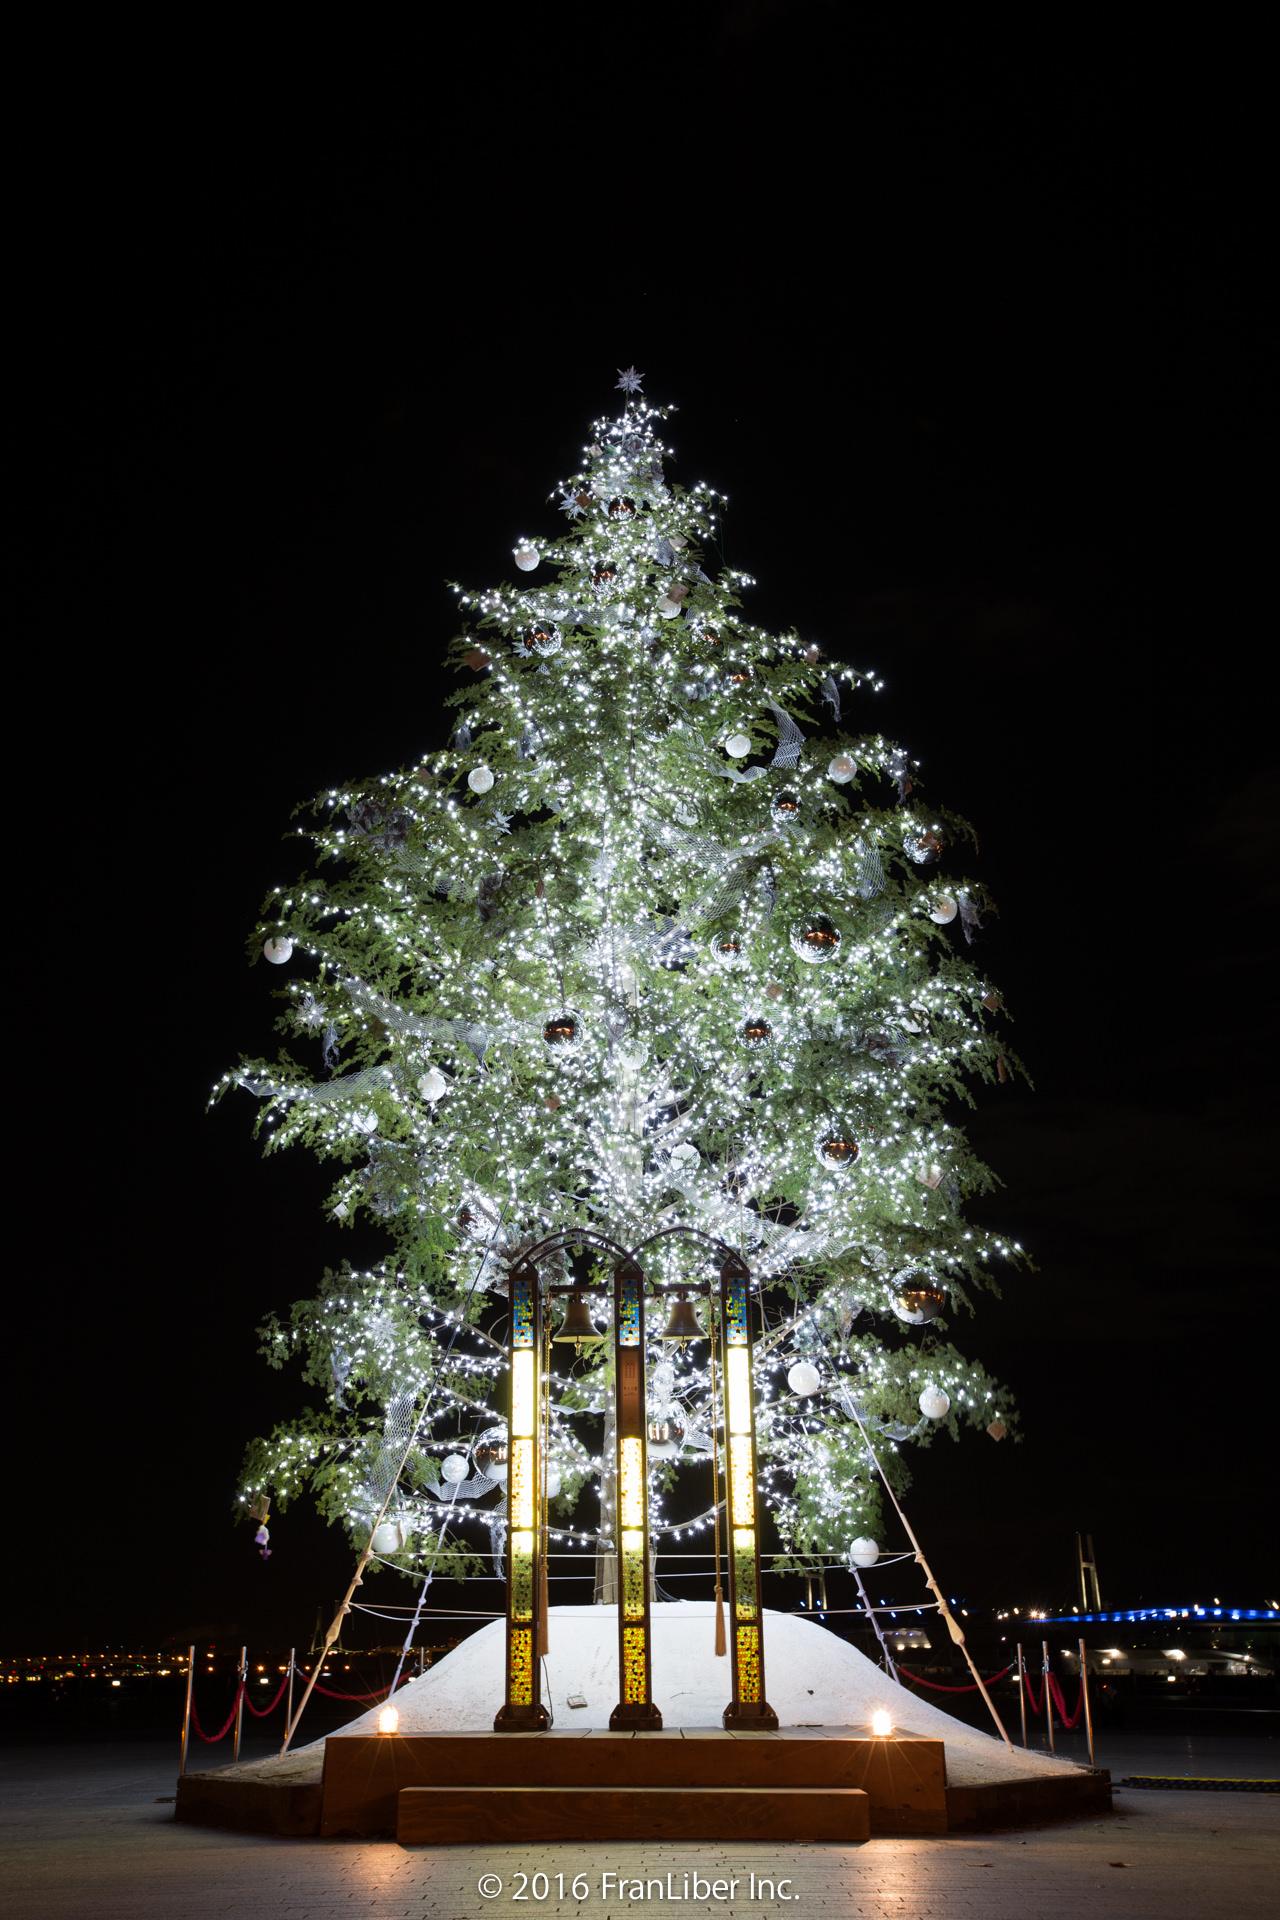 横浜赤レンガ倉庫で開催されるクリスマスマーケットのツリー